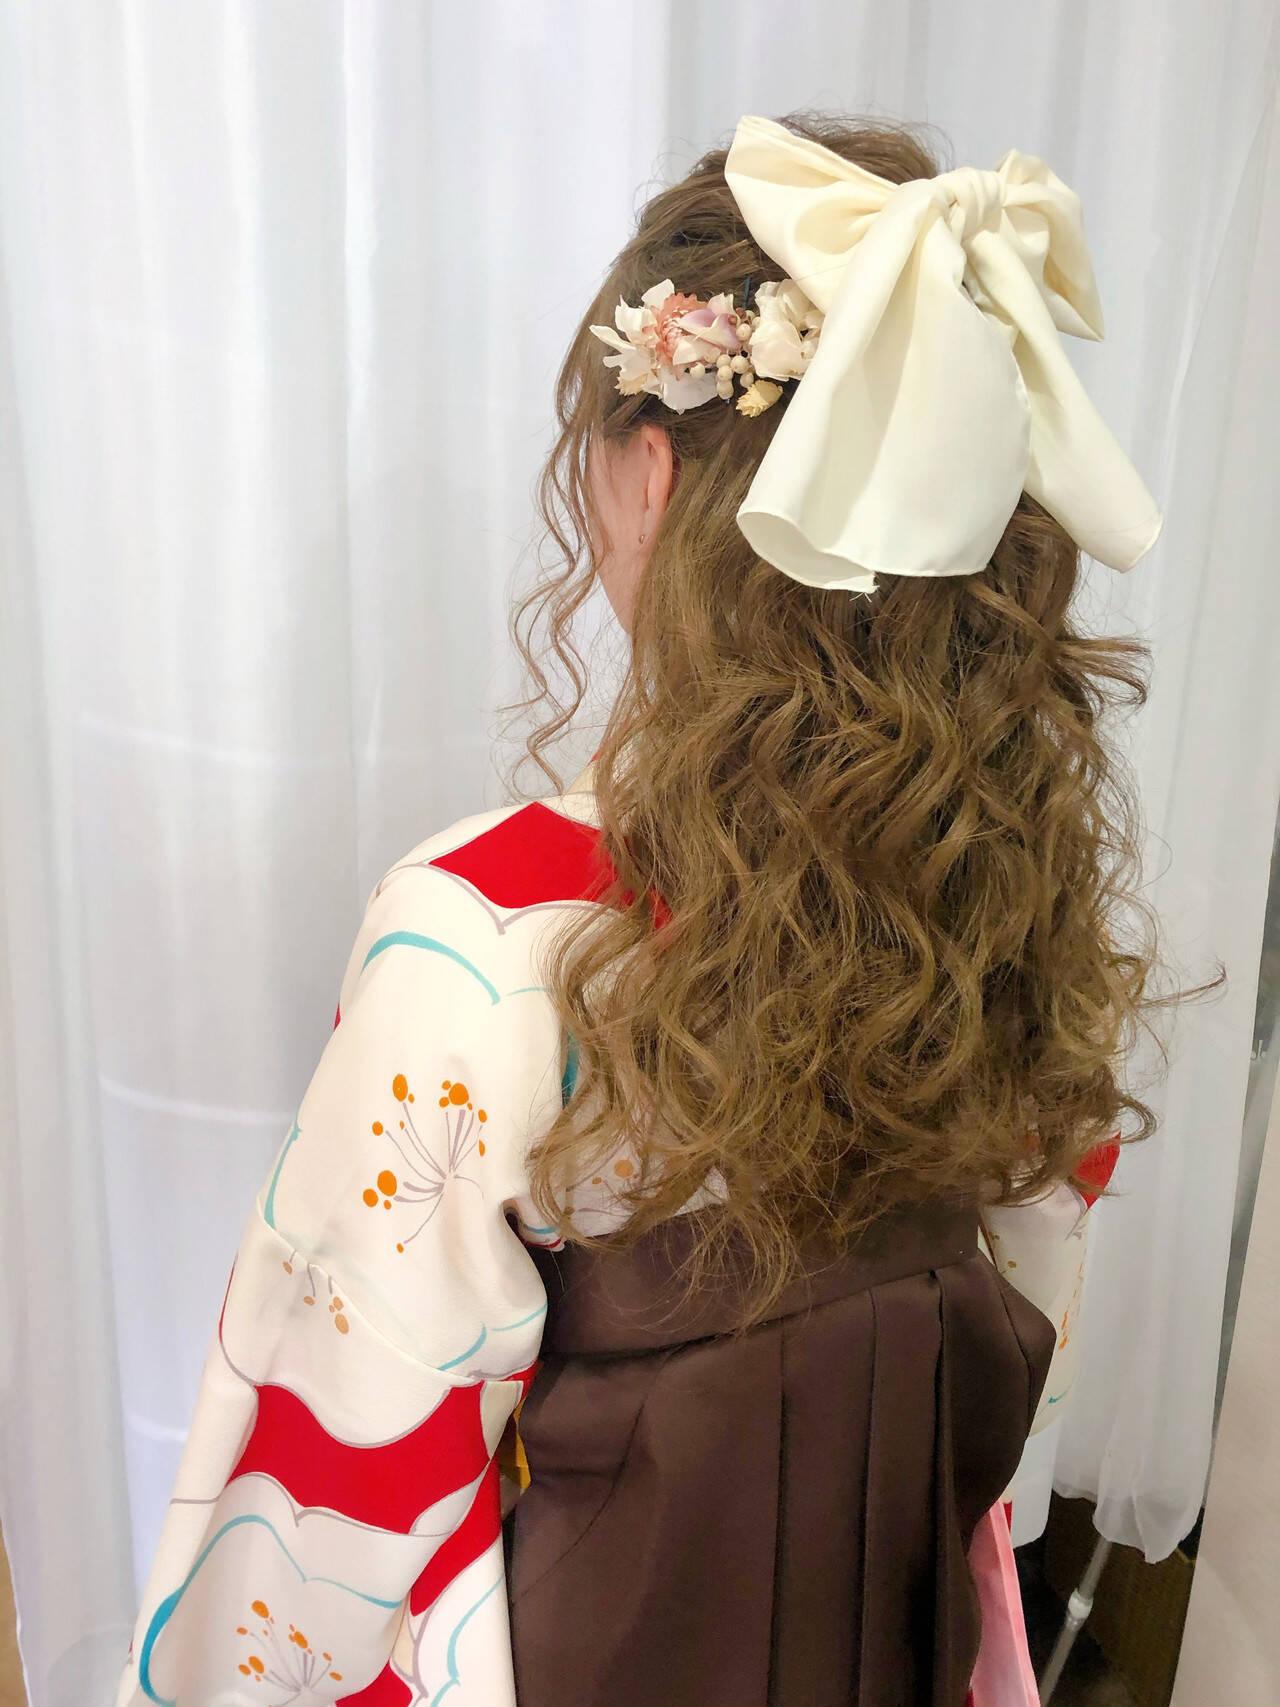 ハーフアップ 卒業式 袴 ヘアアレンジヘアスタイルや髪型の写真・画像